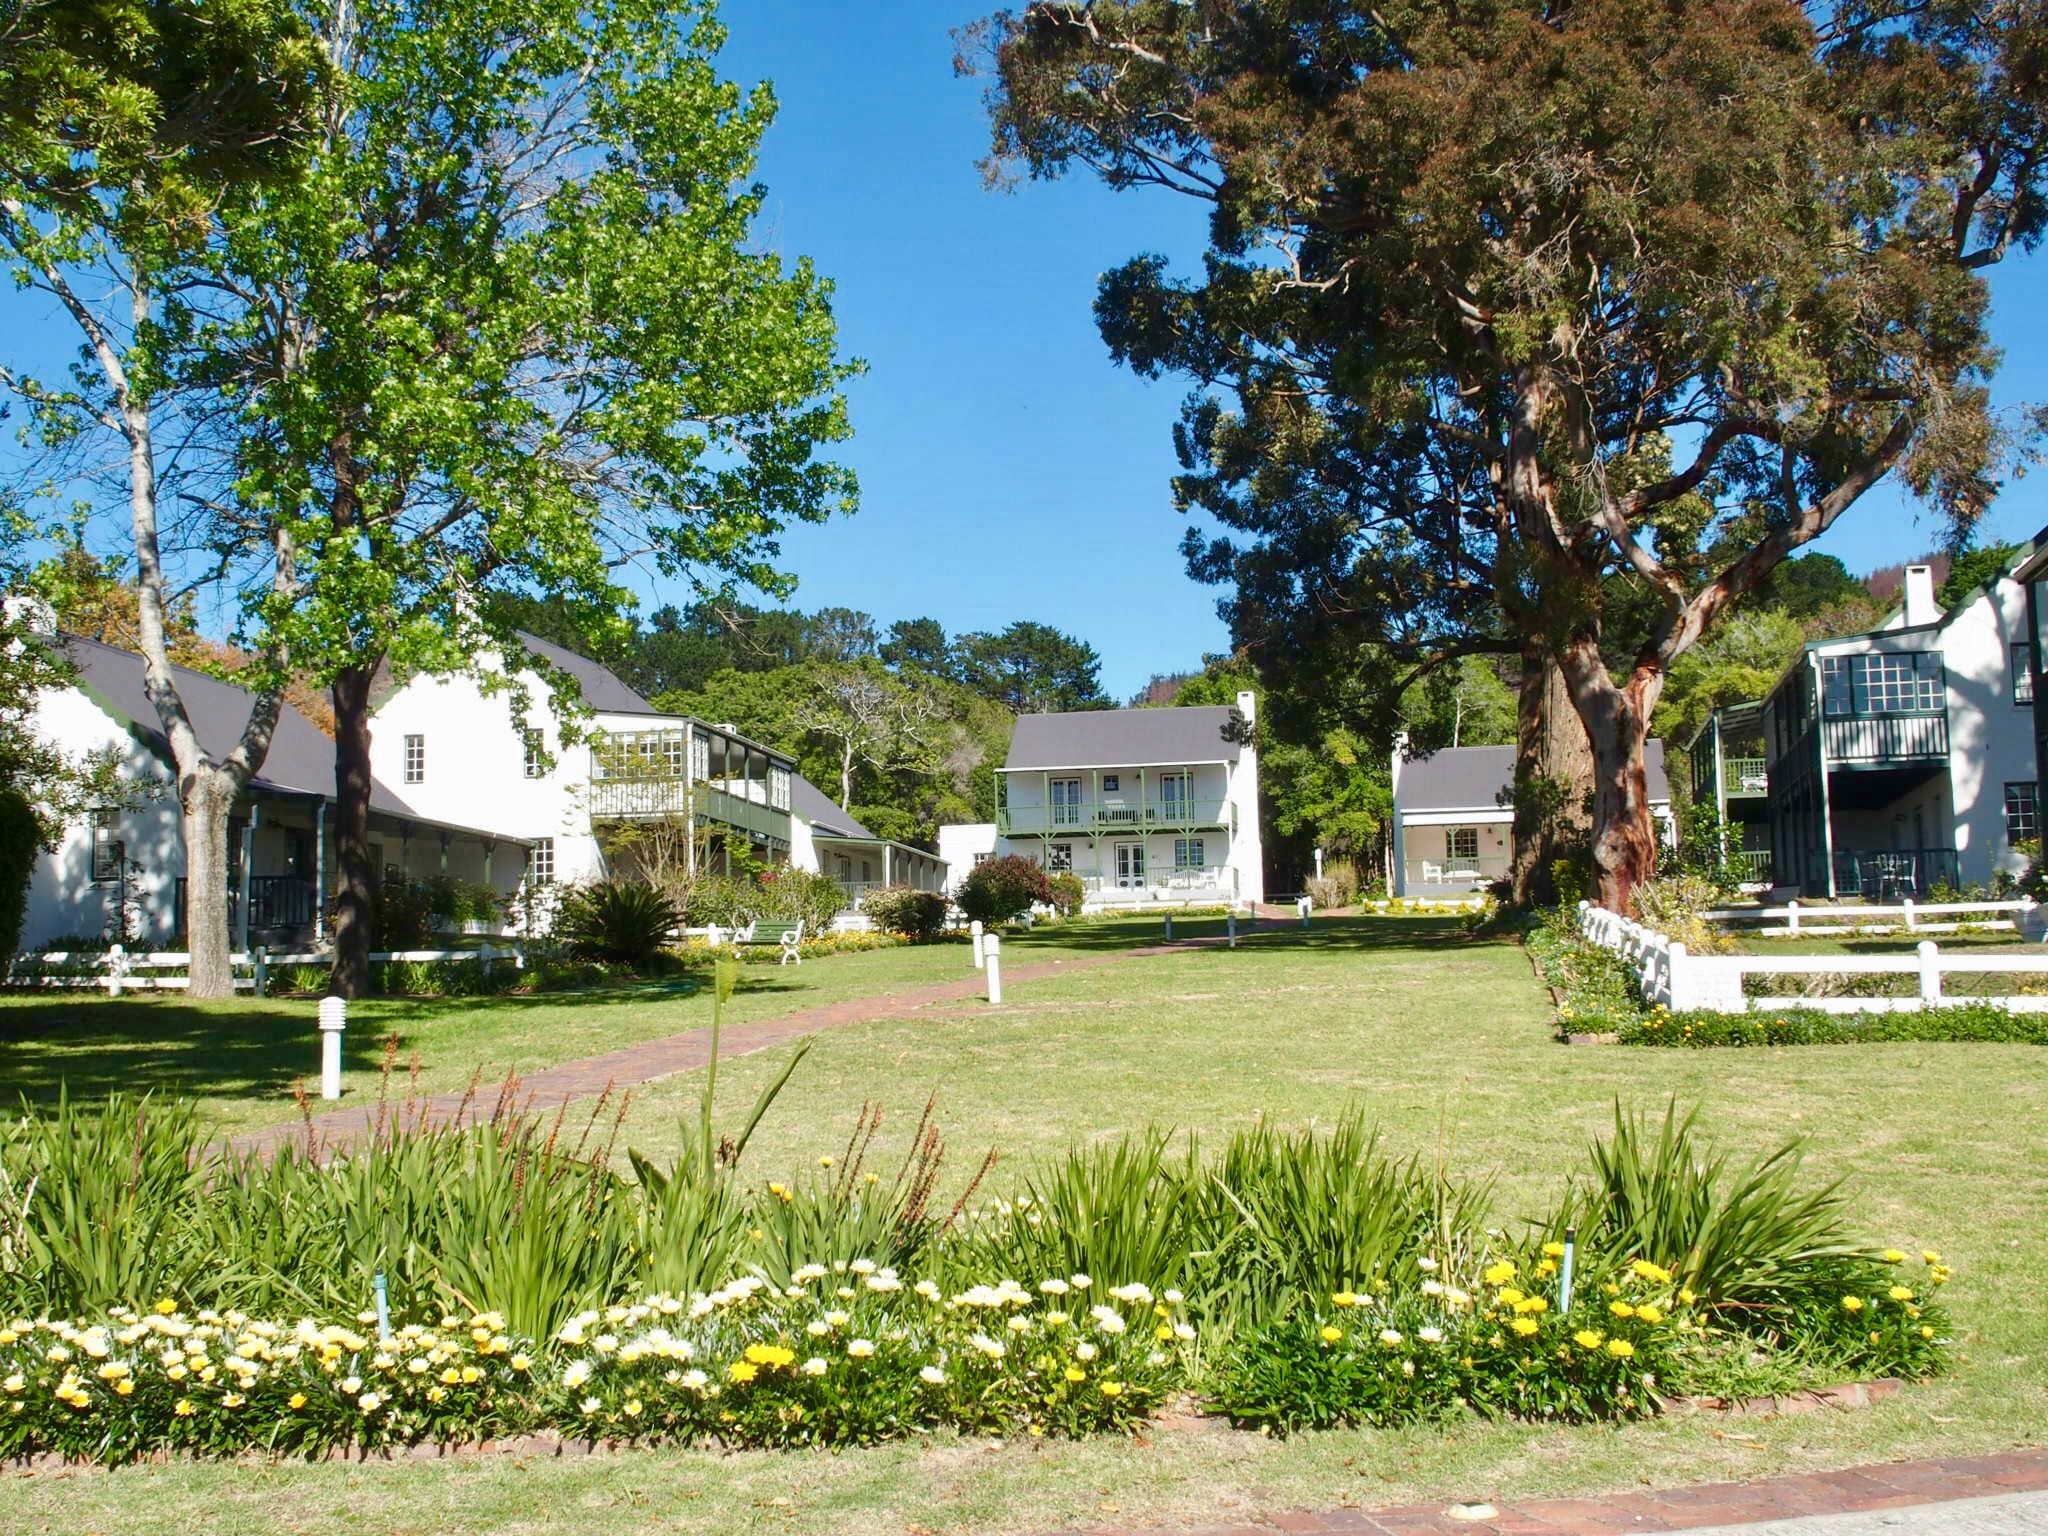 Belvidere Manor-Garden Cottages